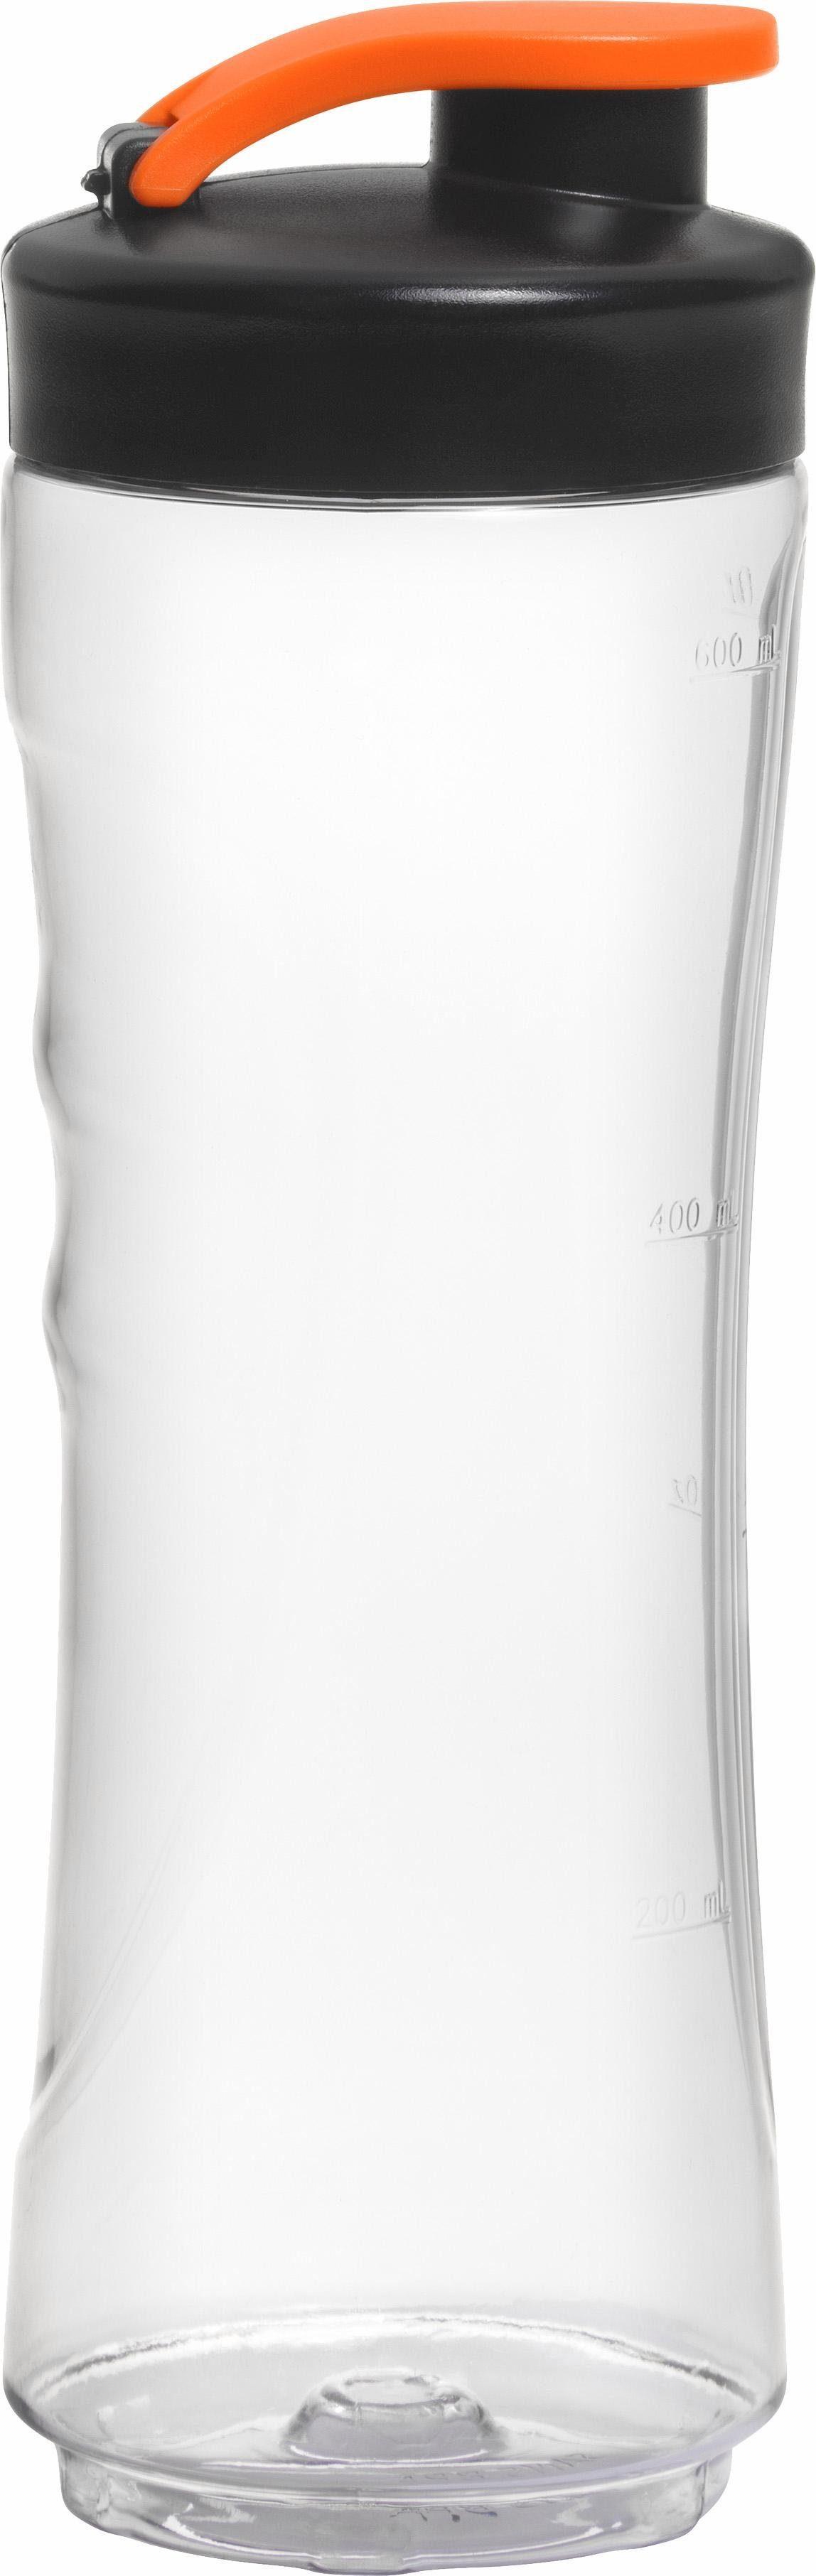 AEG Mini-Mixer Extraflasche ASBEB 1